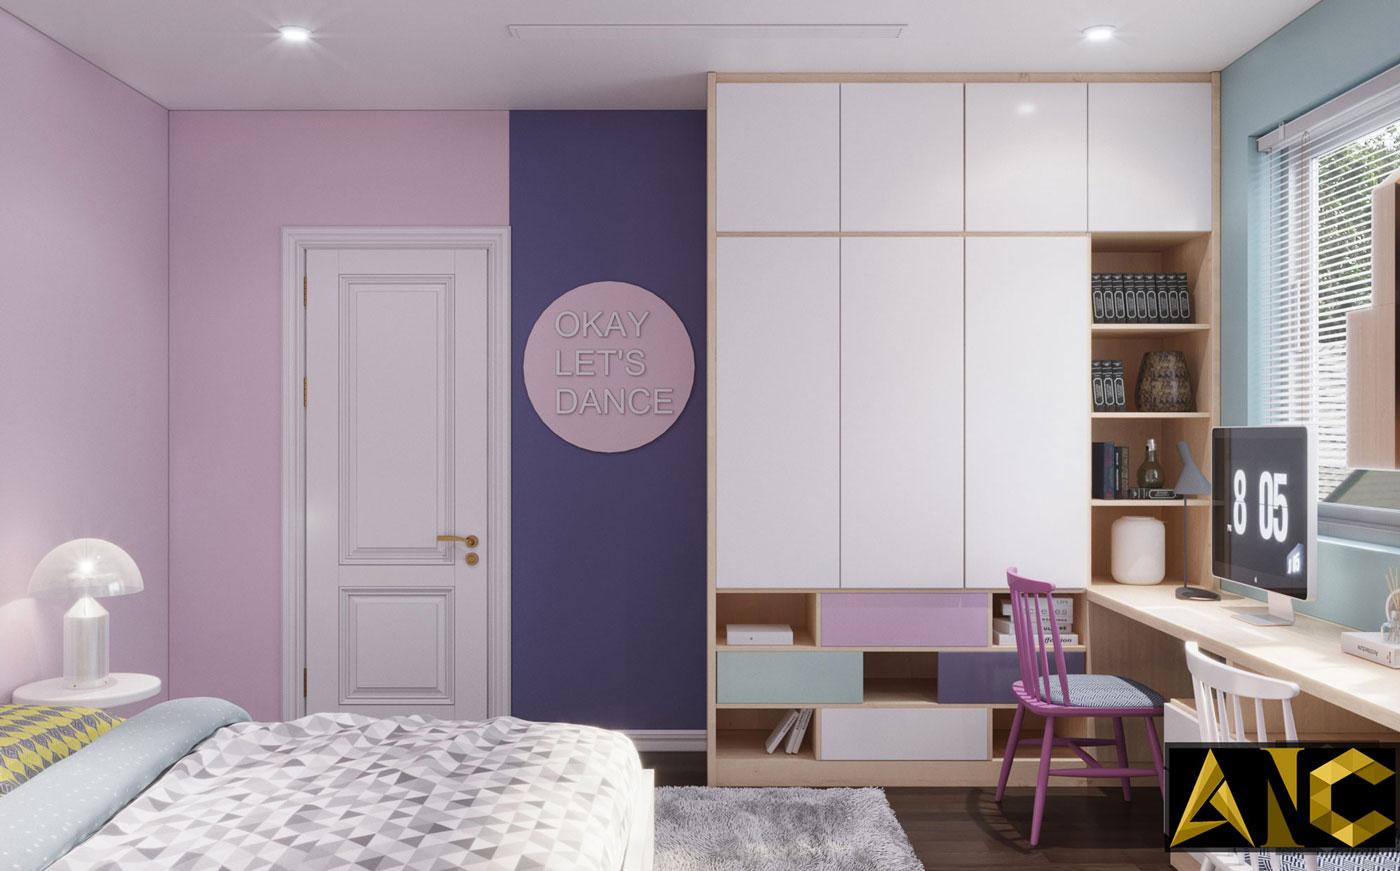 Thiết kế thi công biệt thự Nine South anh Mạnh - Phòng ngủ cho trẻ view 1